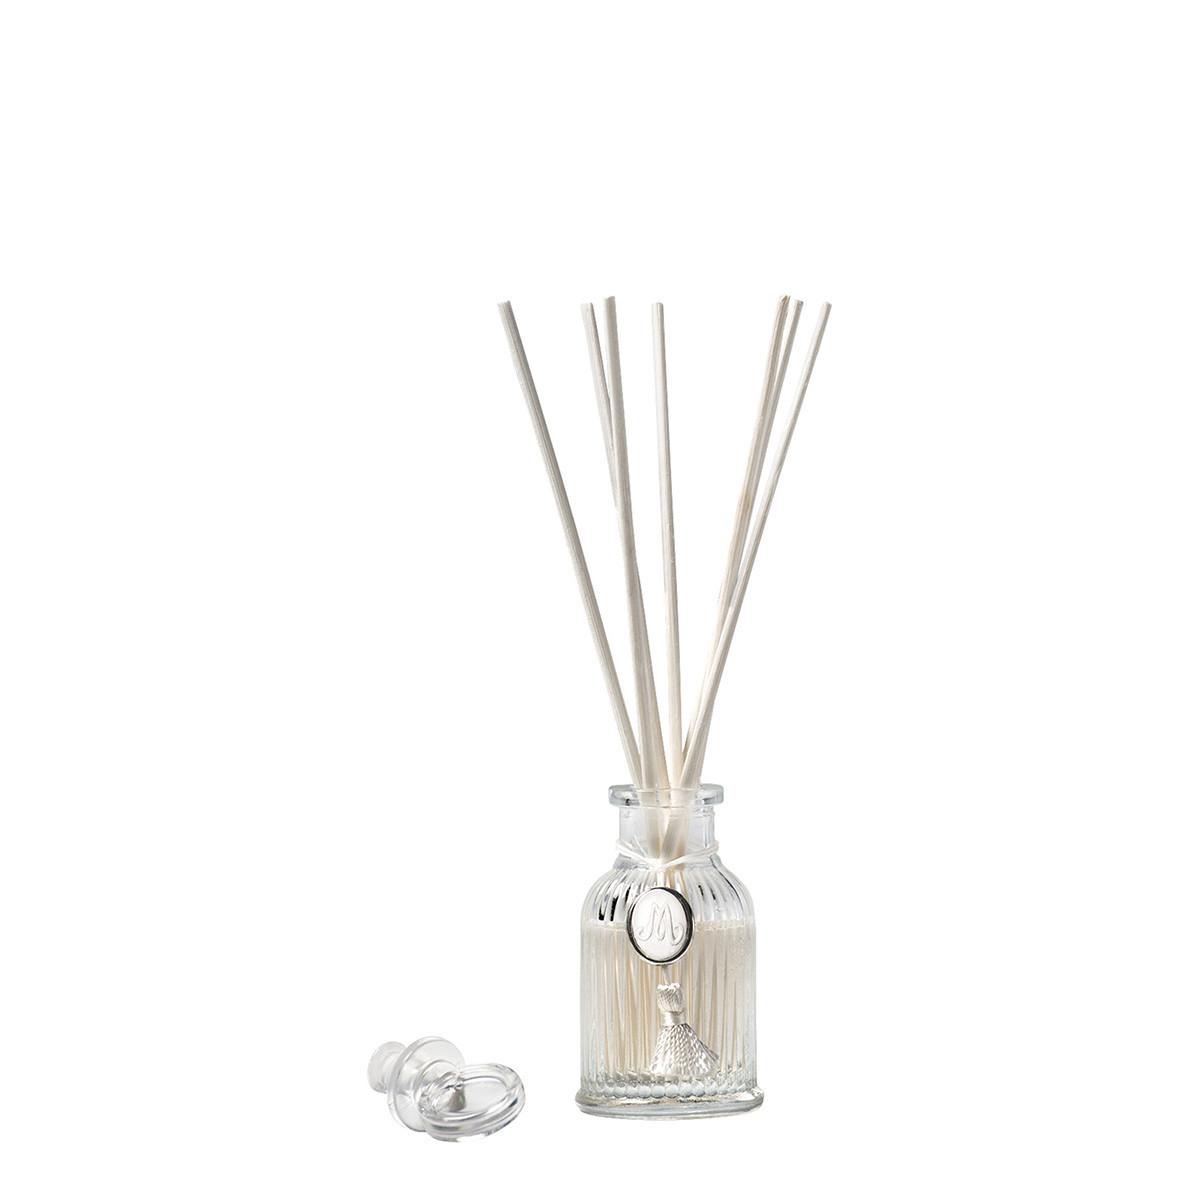 Аромадиффузор аромат для дома Маркиза 30мл DIIPMA